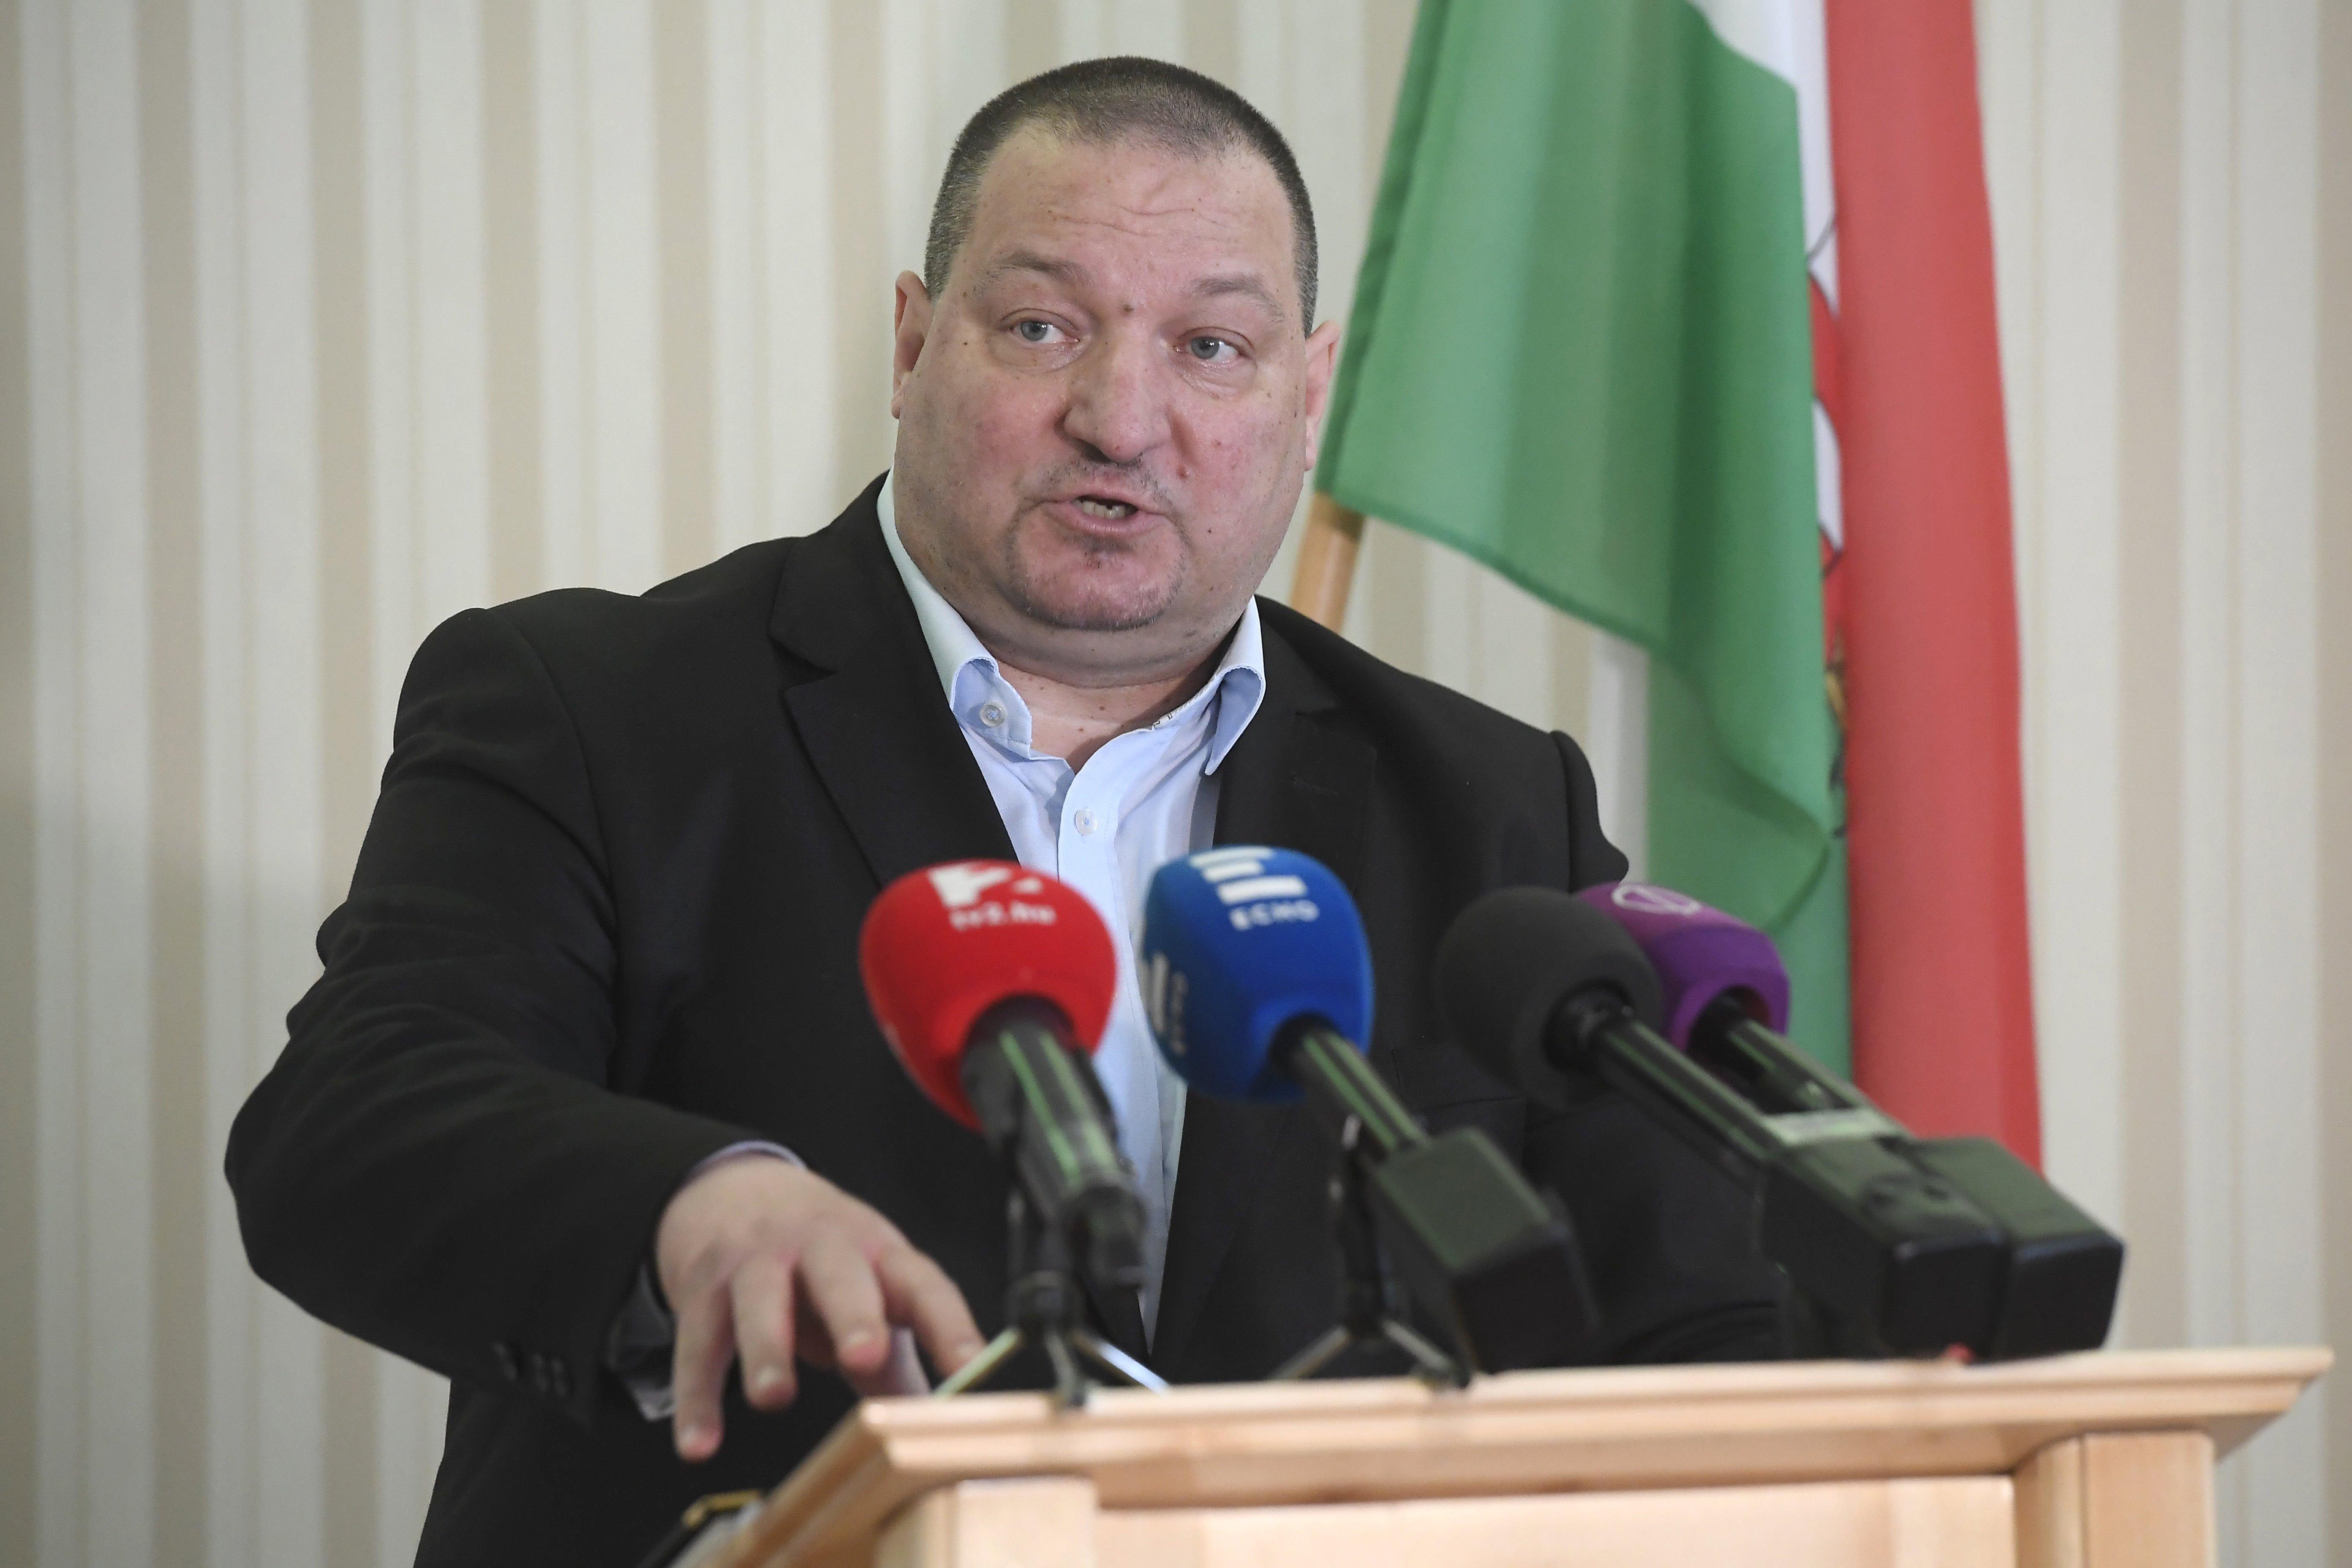 Adjunk hálát a Fidesz pozitív kampányáért: Németh Szilárd a váci börtönbe került